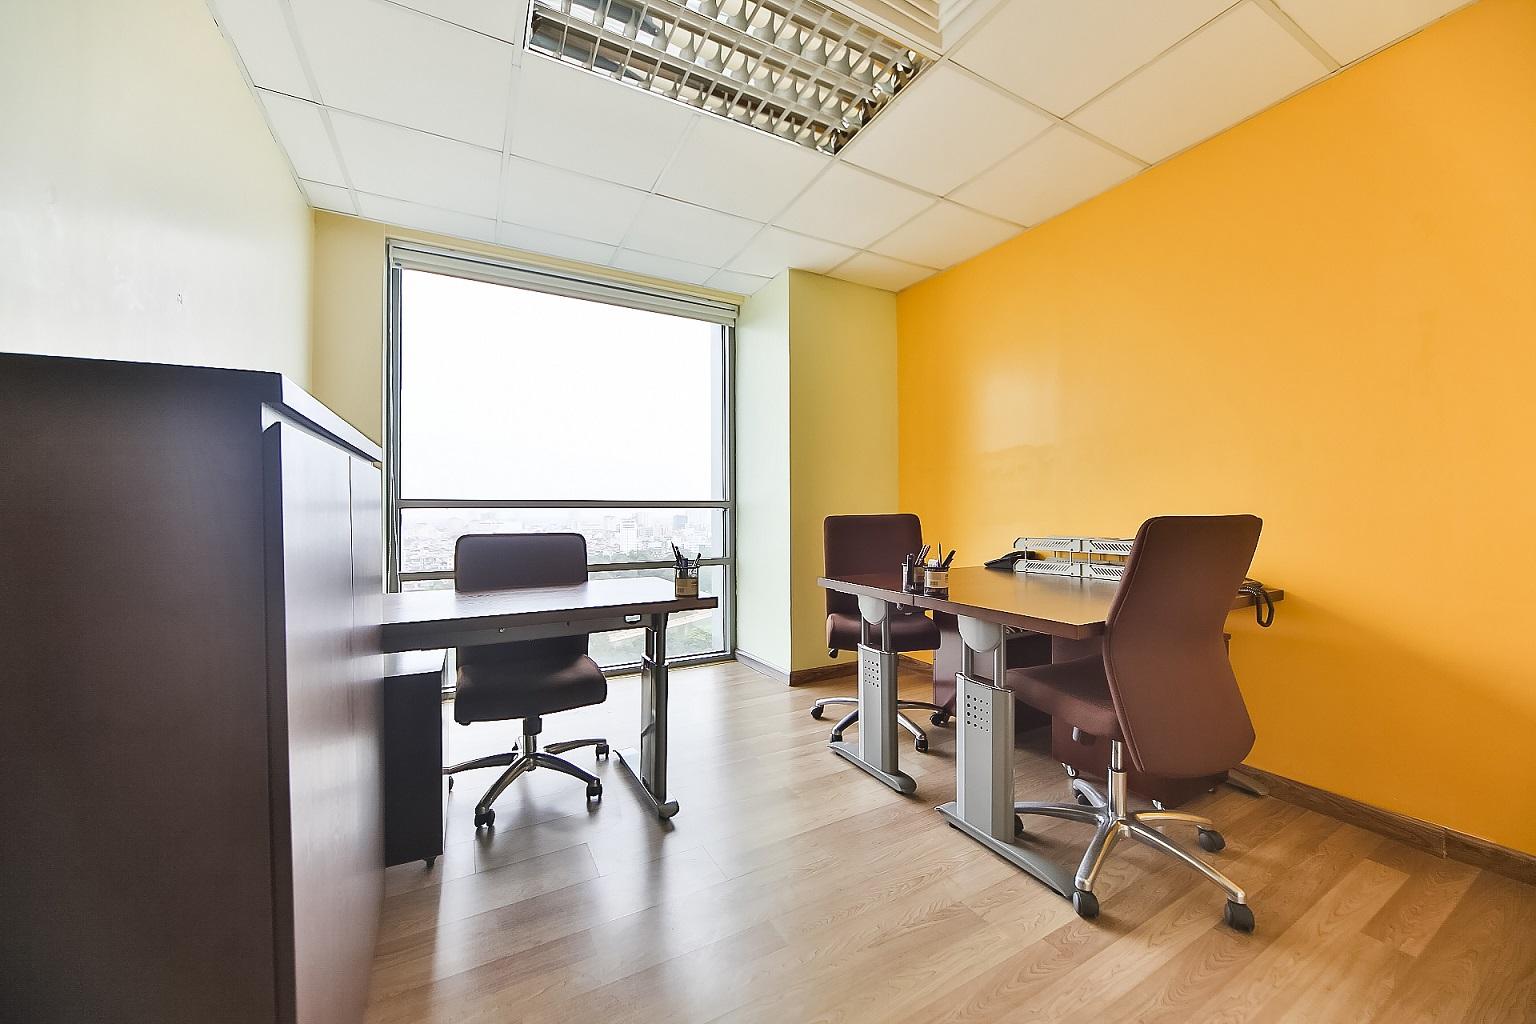 10 Văn phòng TRỌN GÓI cho thuê có bàn ghế, nội thất, toà nhà trung tâm